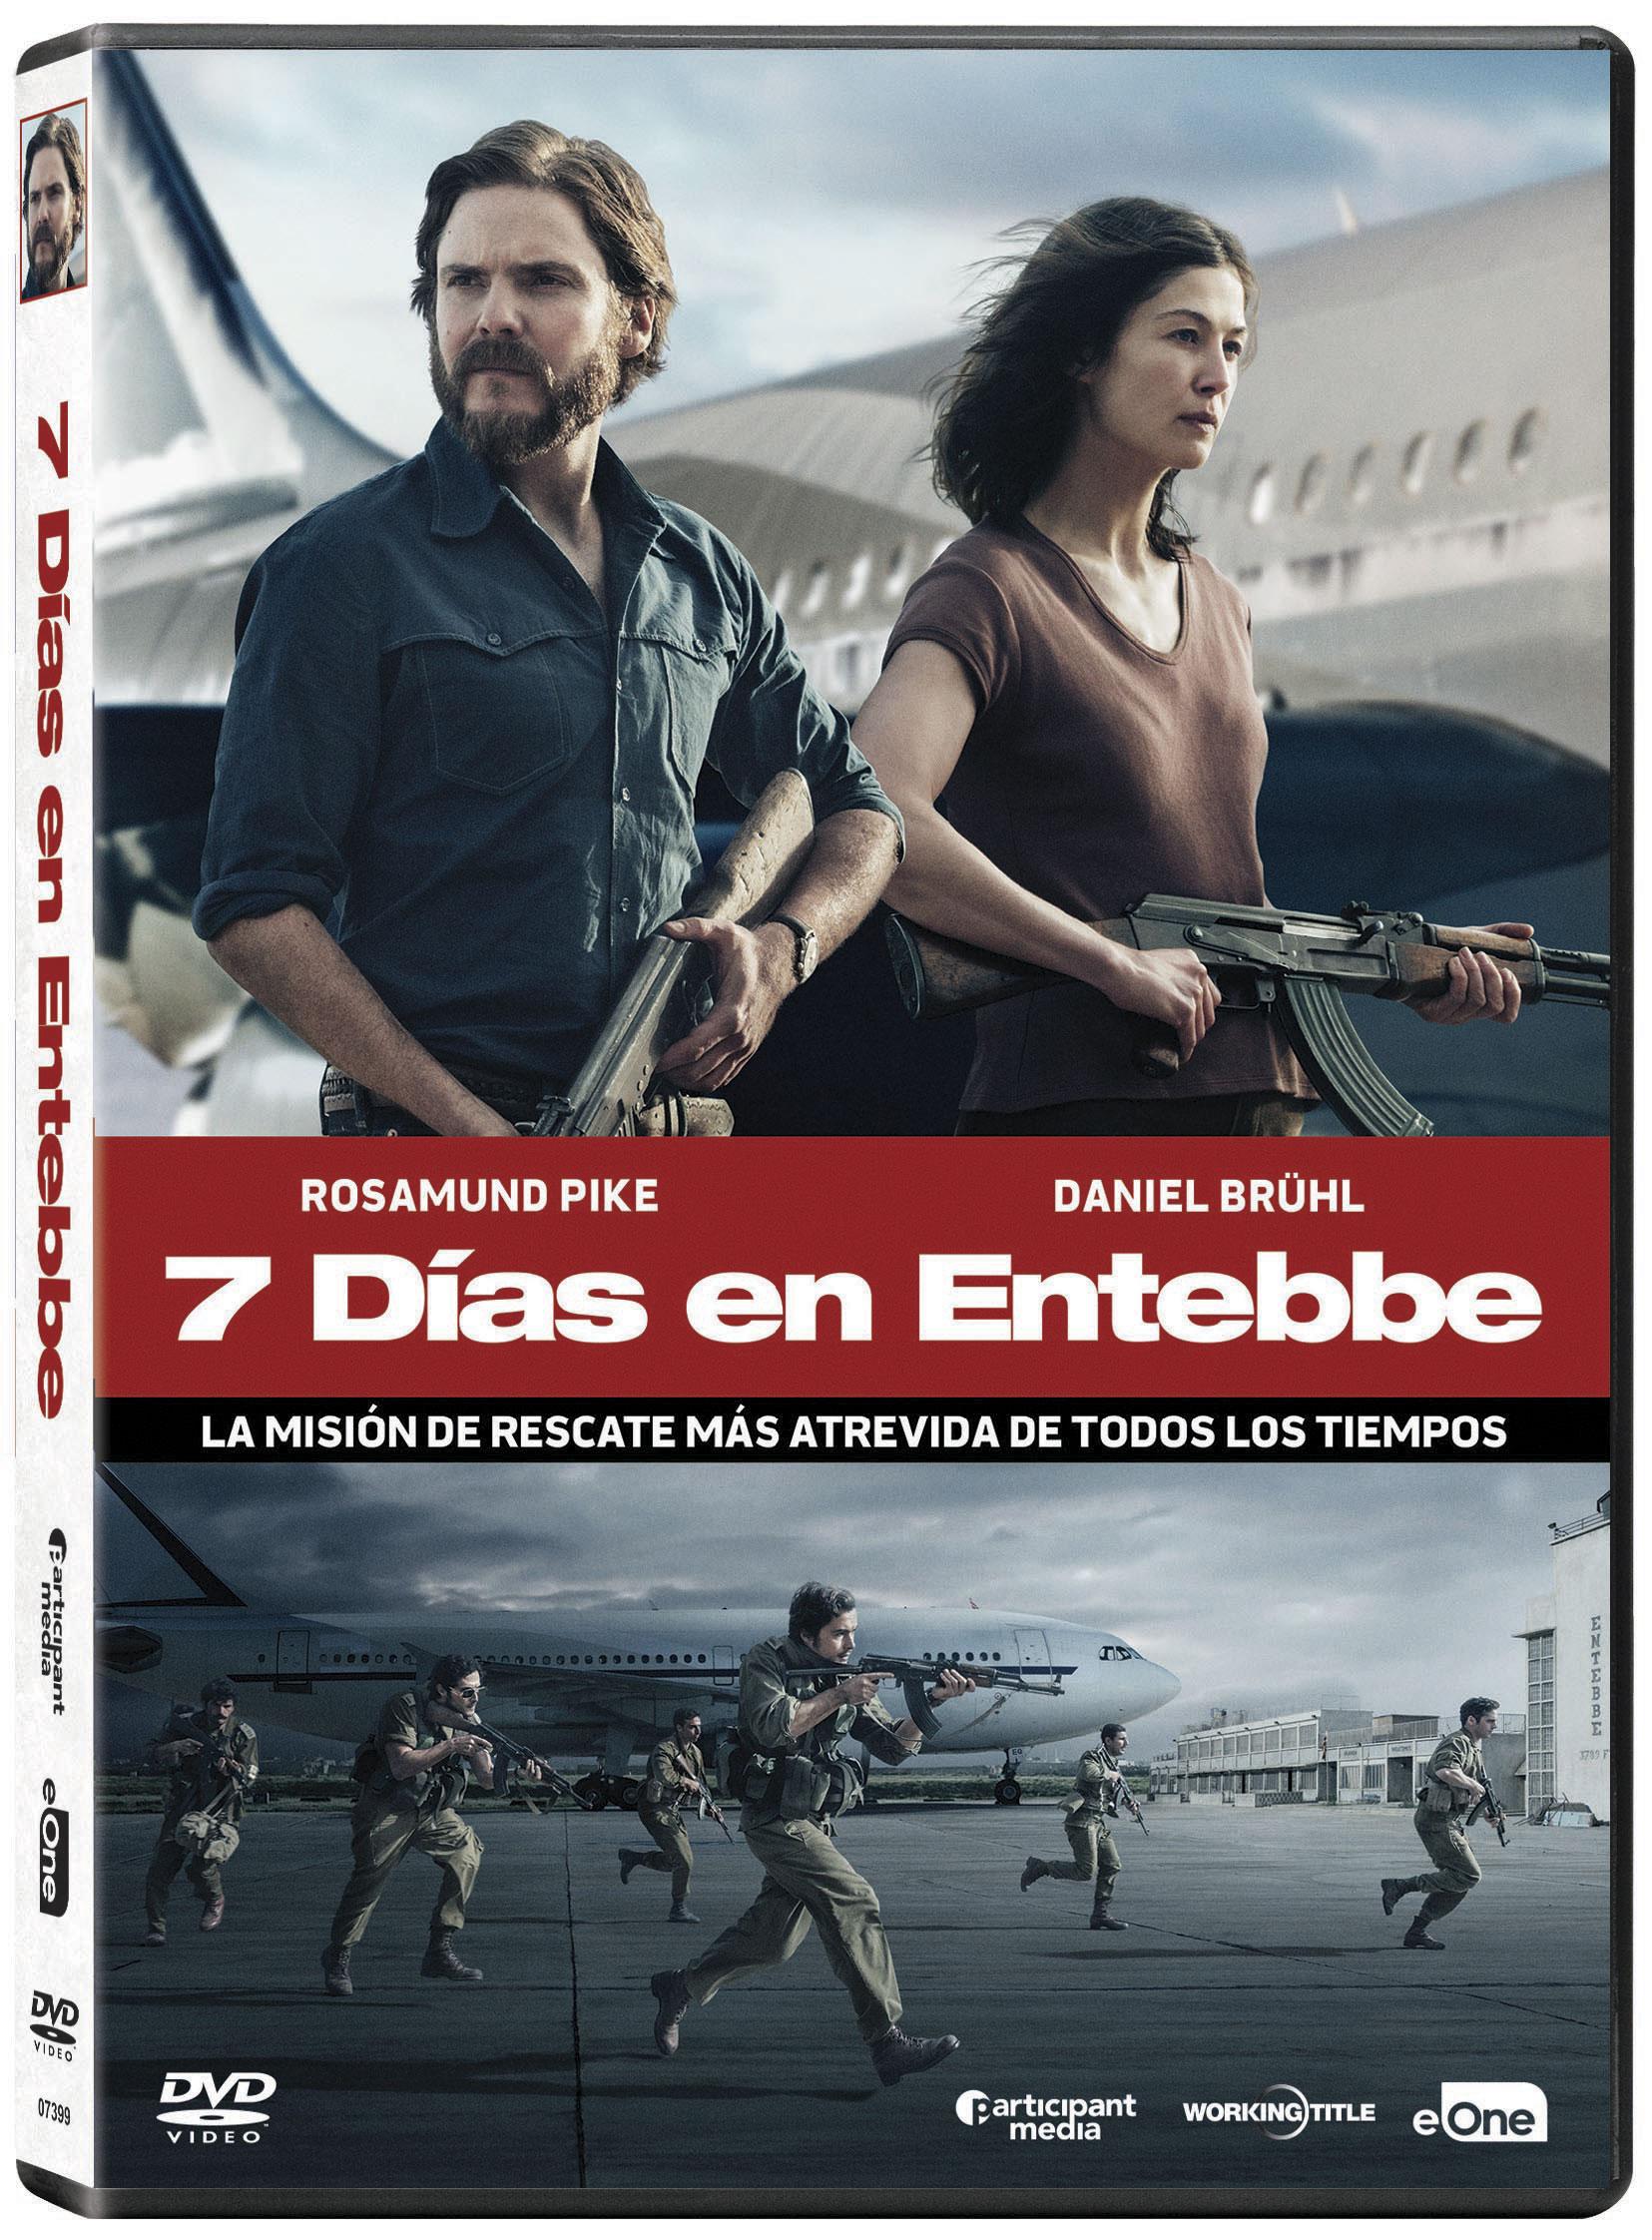 7 dias en Entebbe Dvd